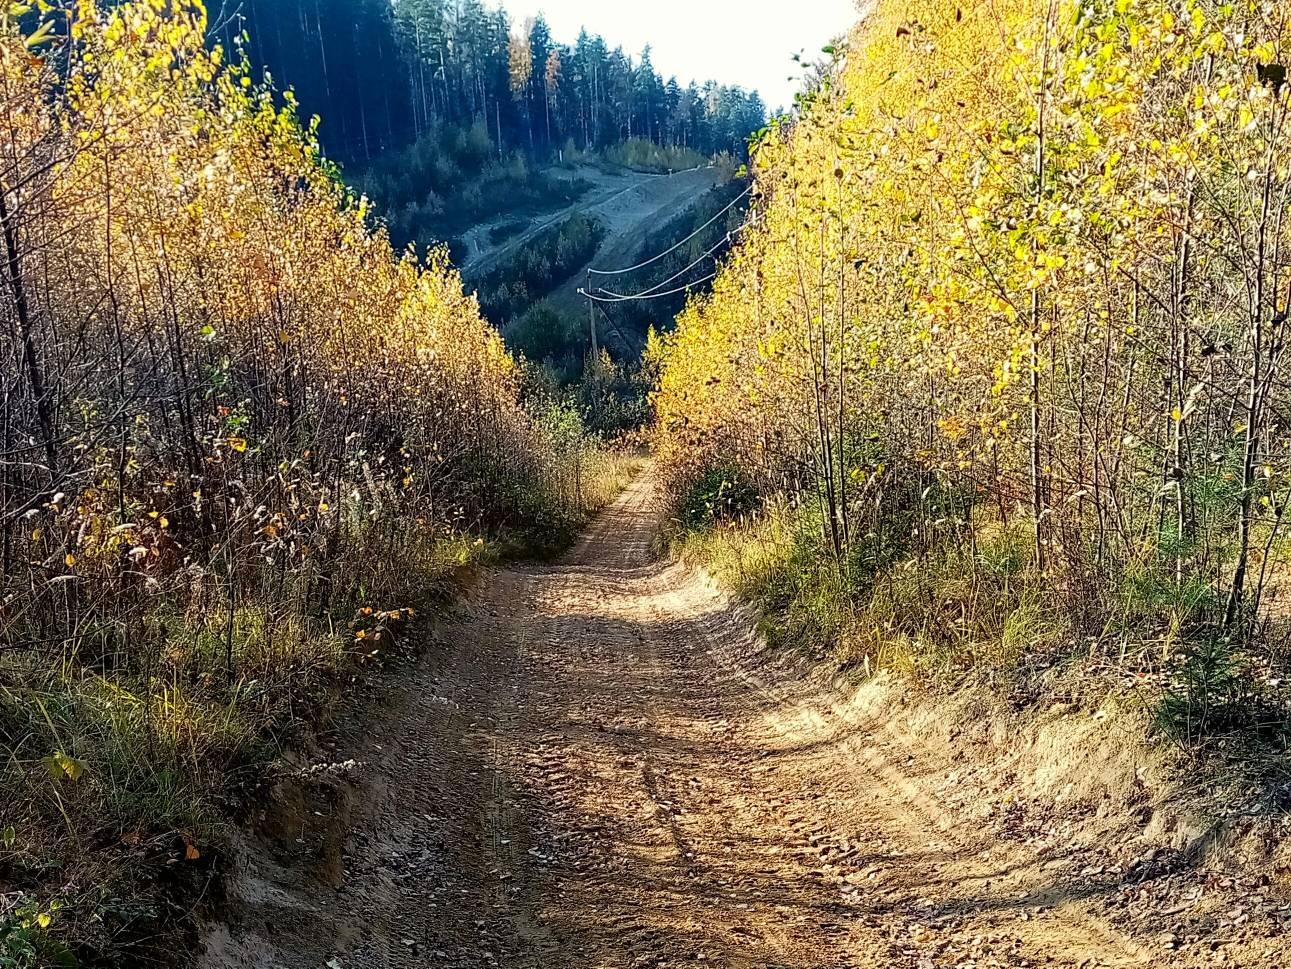 Колтушские высоты, 12 км, 17 октября - пойдем!!